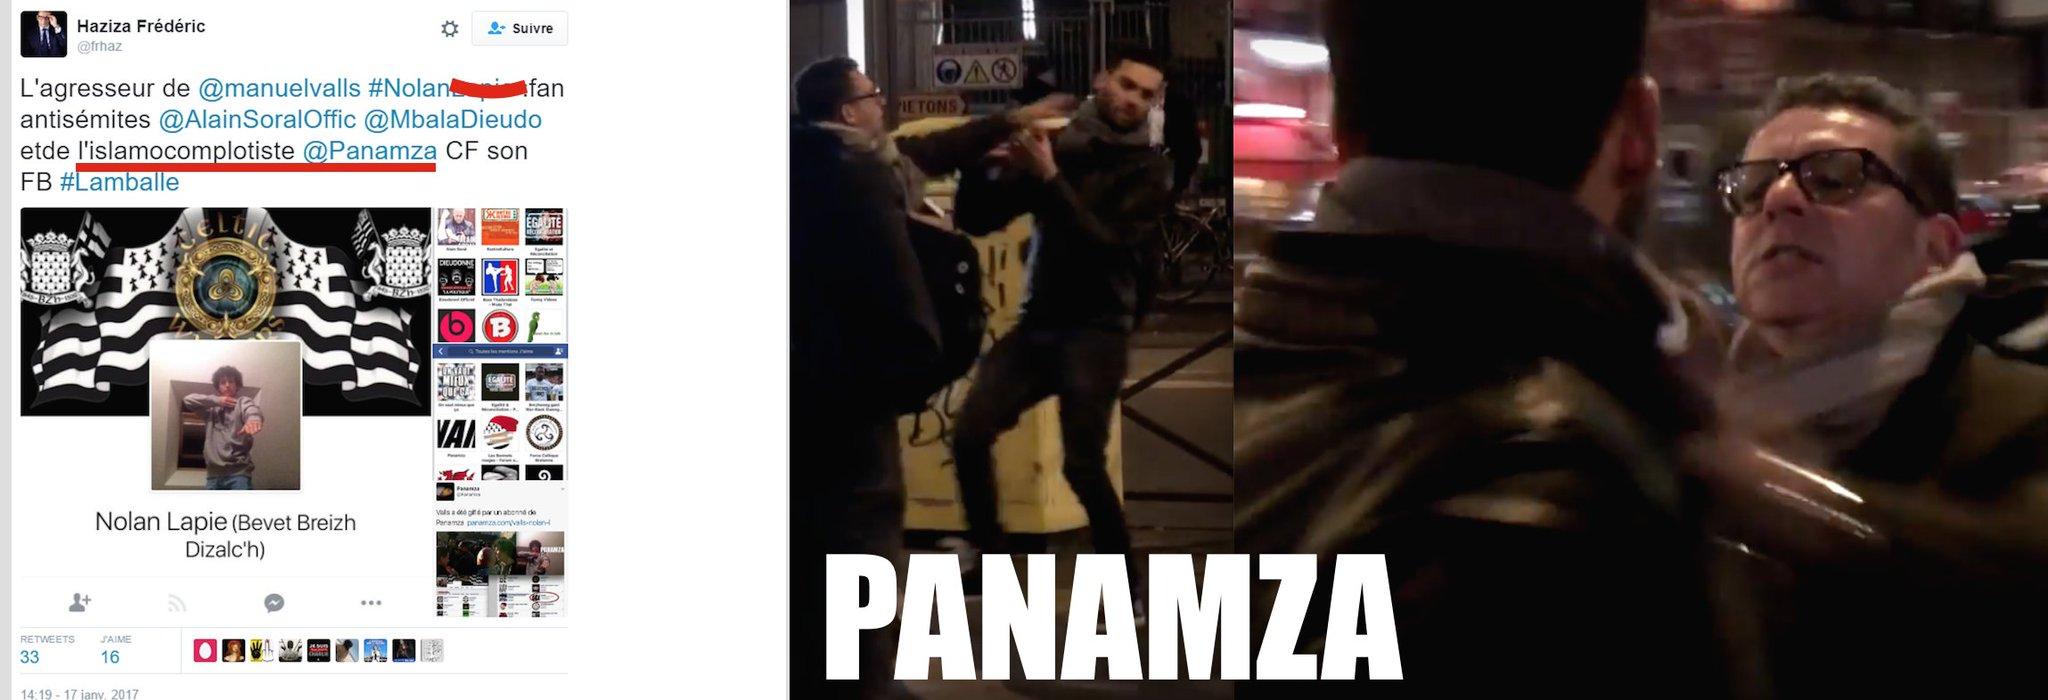 Panamza, un site «islamocomplotiste» selon Frédéric Haziza, agresseur judéo-sioniste